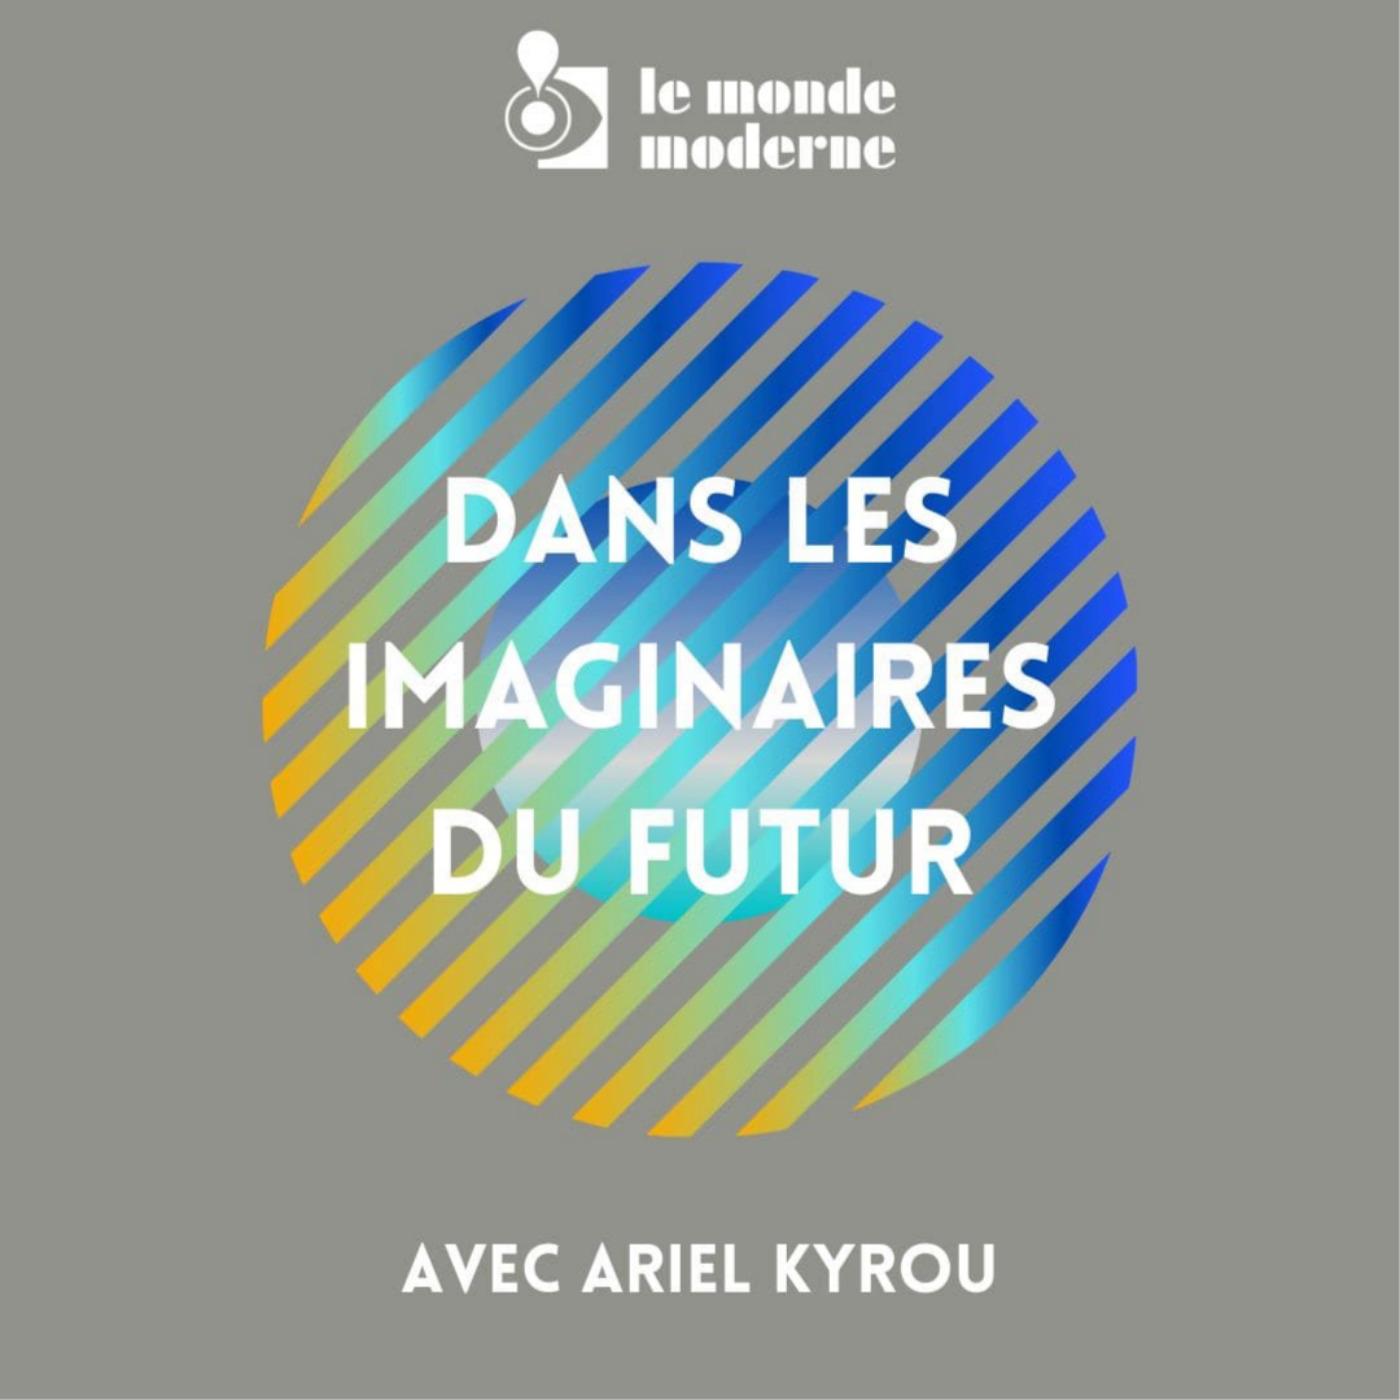 Dans les imaginaires du futur - 01